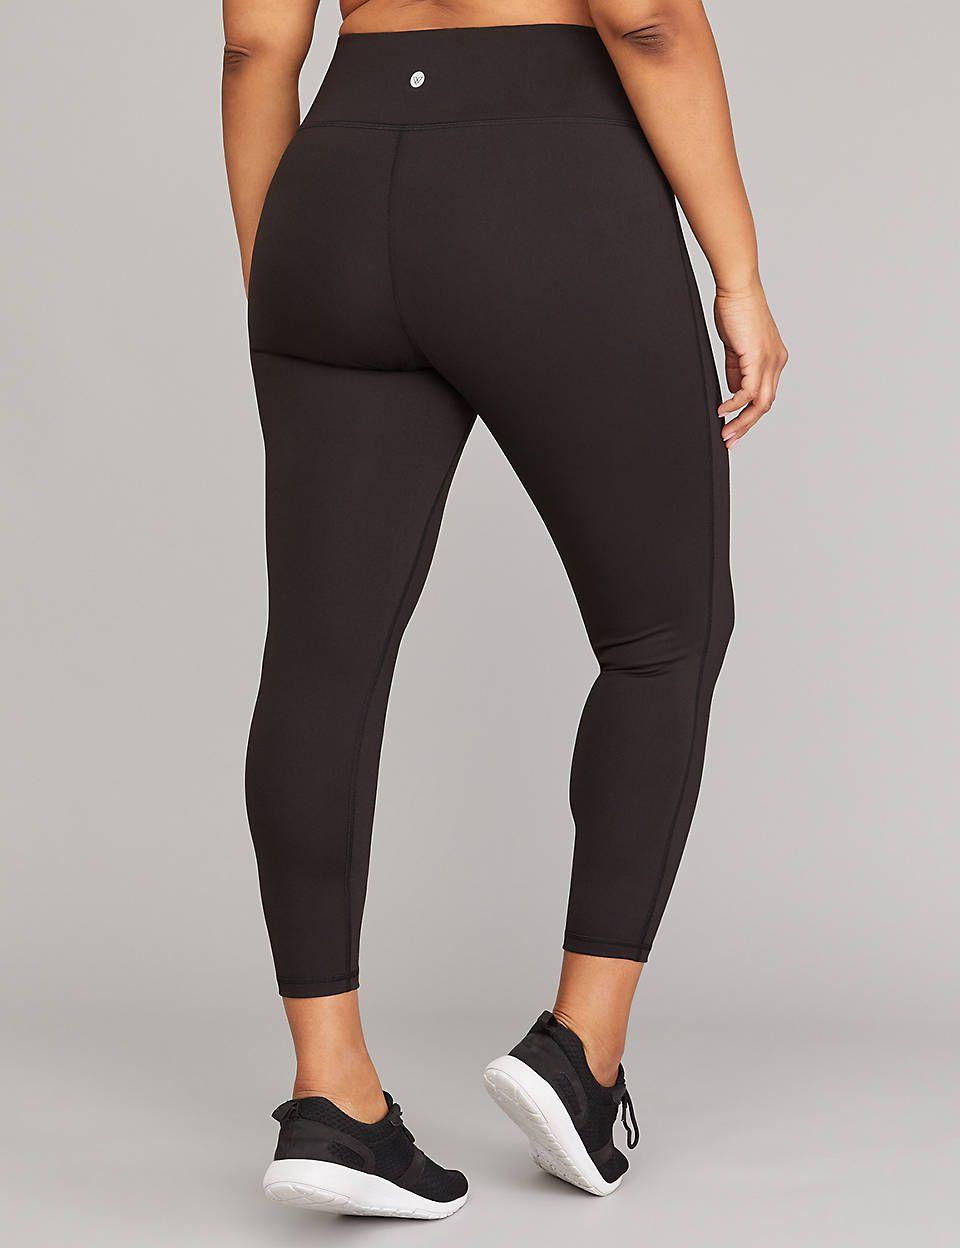 d8e7e789d9 Wicking Active Legging | Lane Bryant | Sales | Leggings are not ...